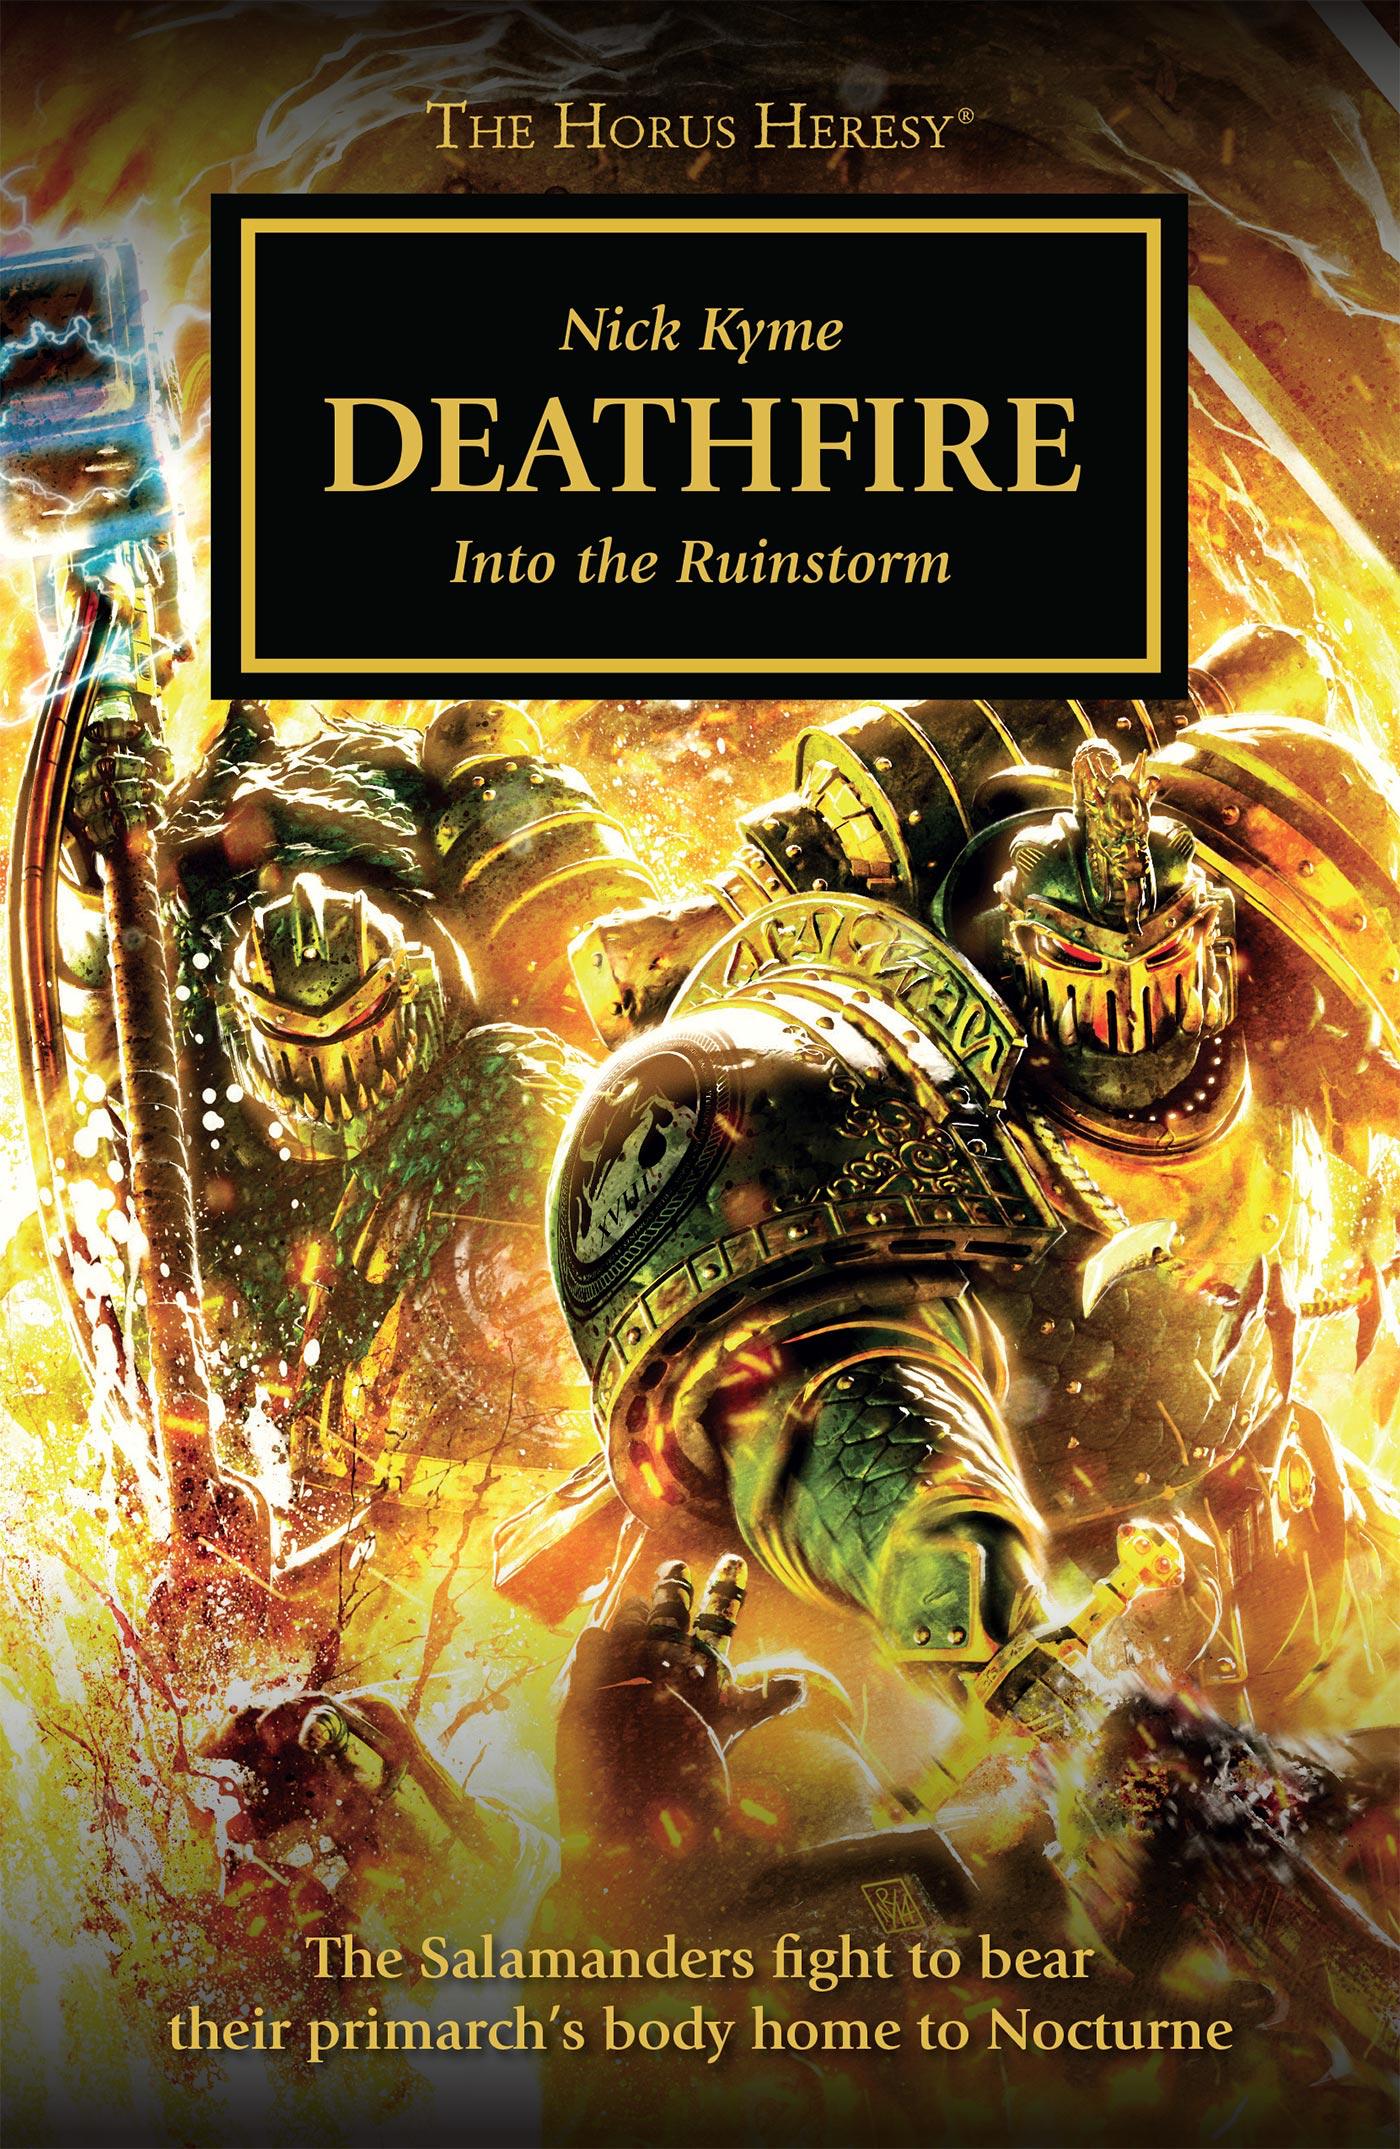 Deathfire by Nick Kyme